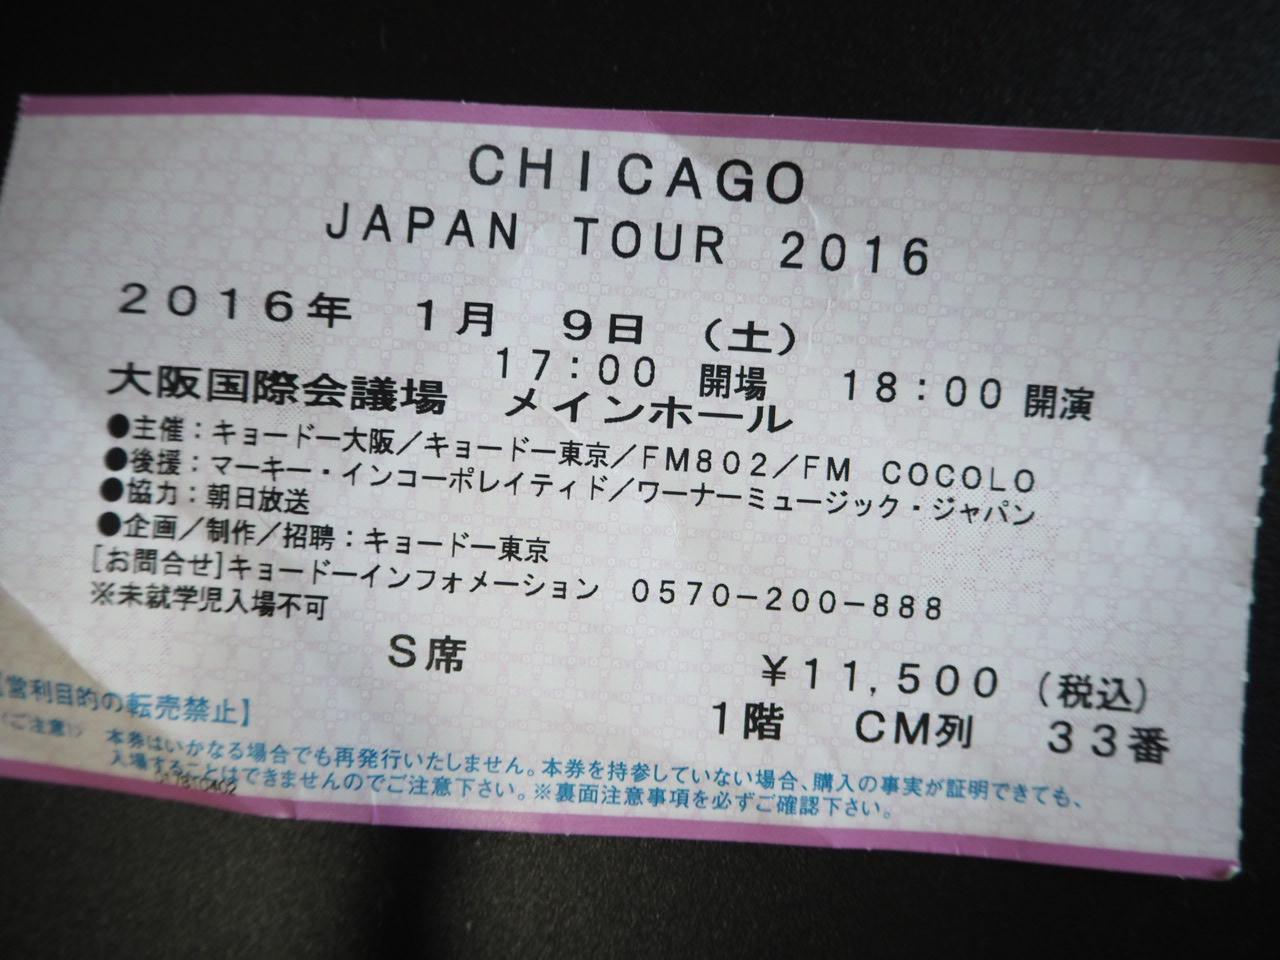 シカゴ ジャパン・ツアー 2016 in OSAKA へ行って来ました!